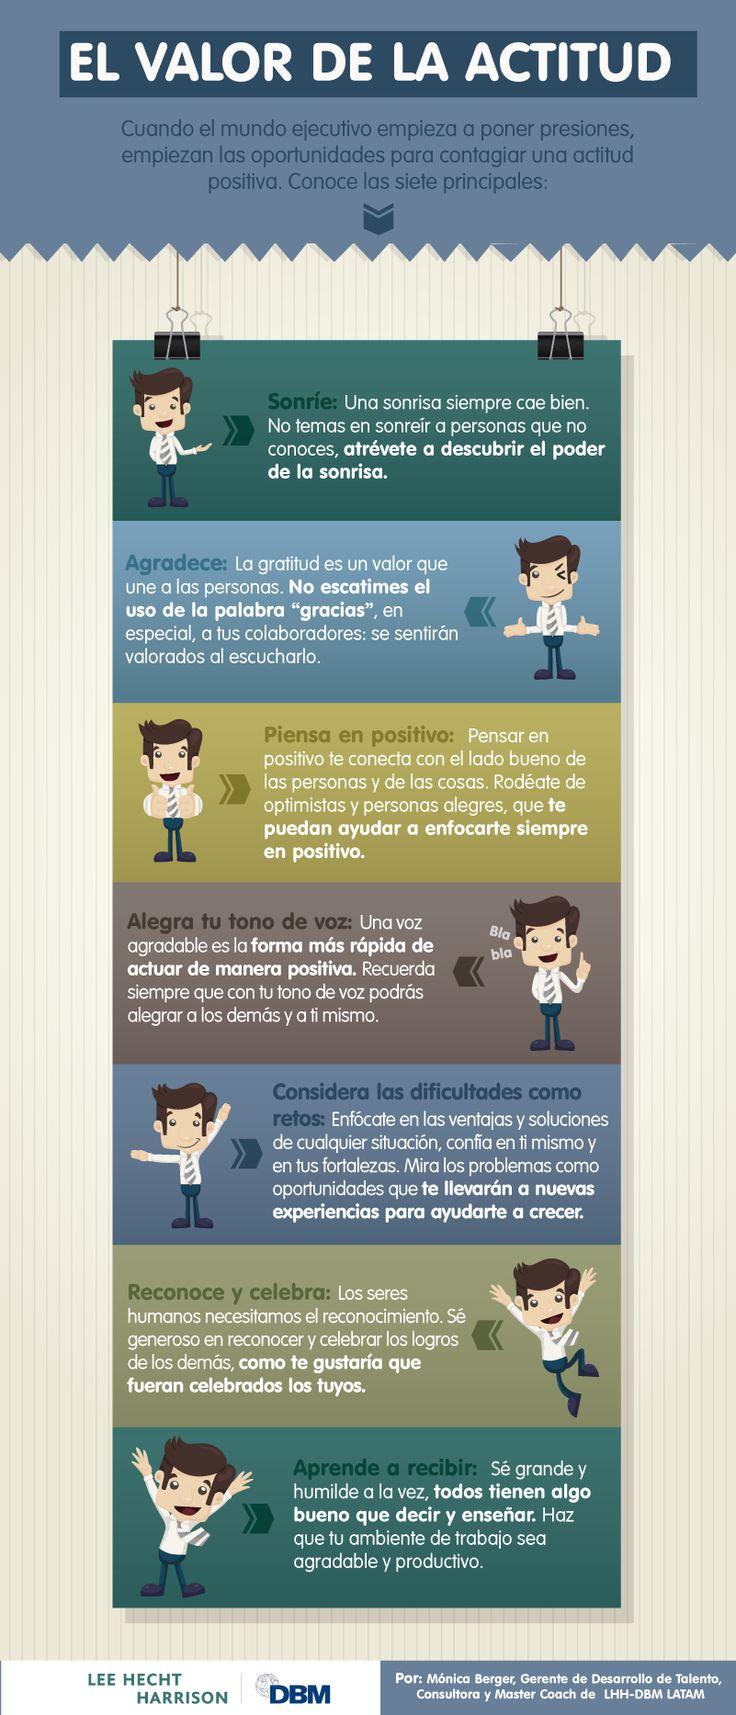 Actitudes claves frente a las presiones del entorno laboral y social!